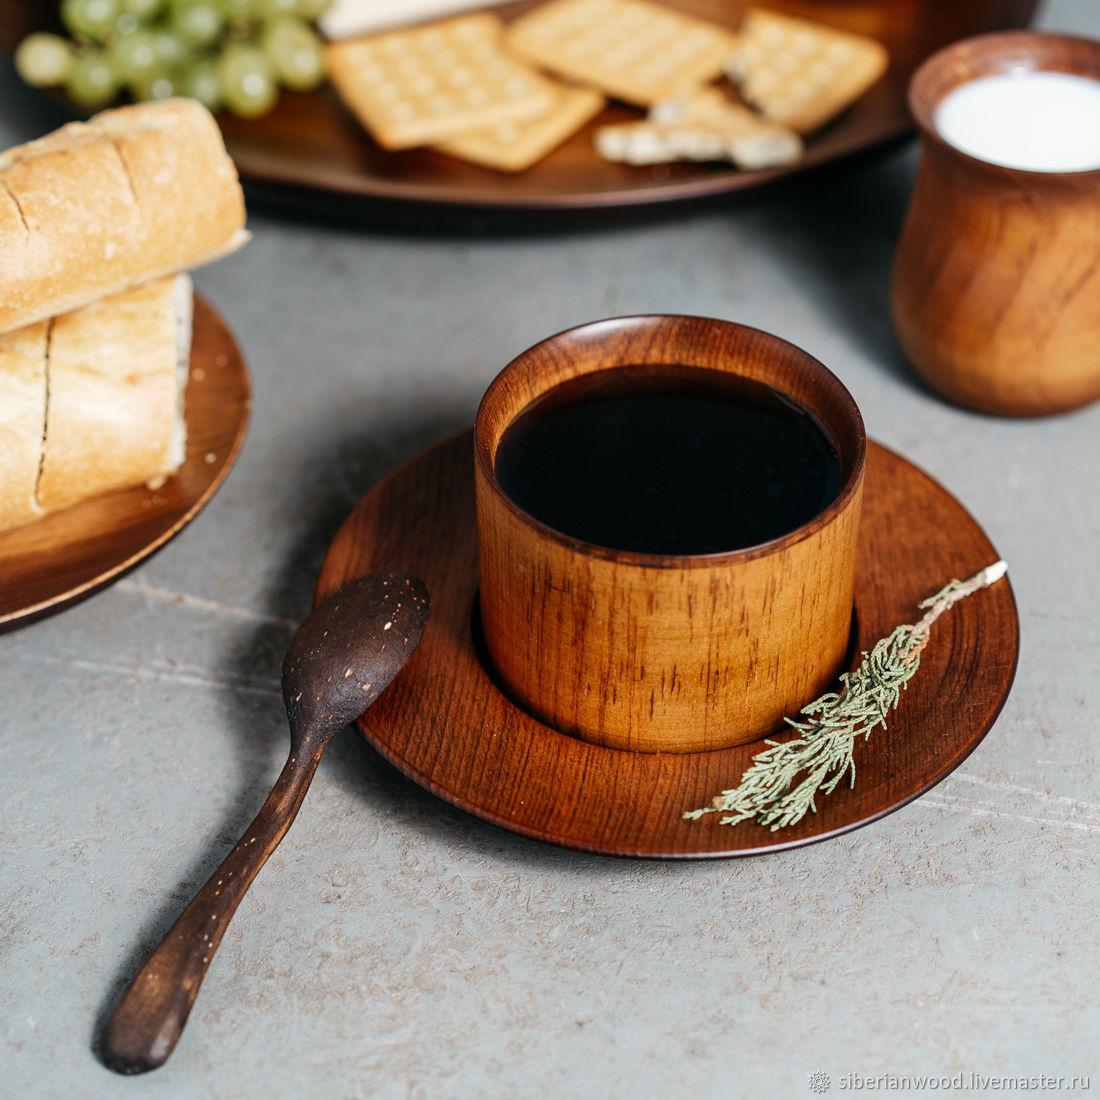 Кофейная пара из Кедра (Кружка+блюдце+ложка) из Сибирского Кедра #NC18, Кружки, Новокузнецк,  Фото №1